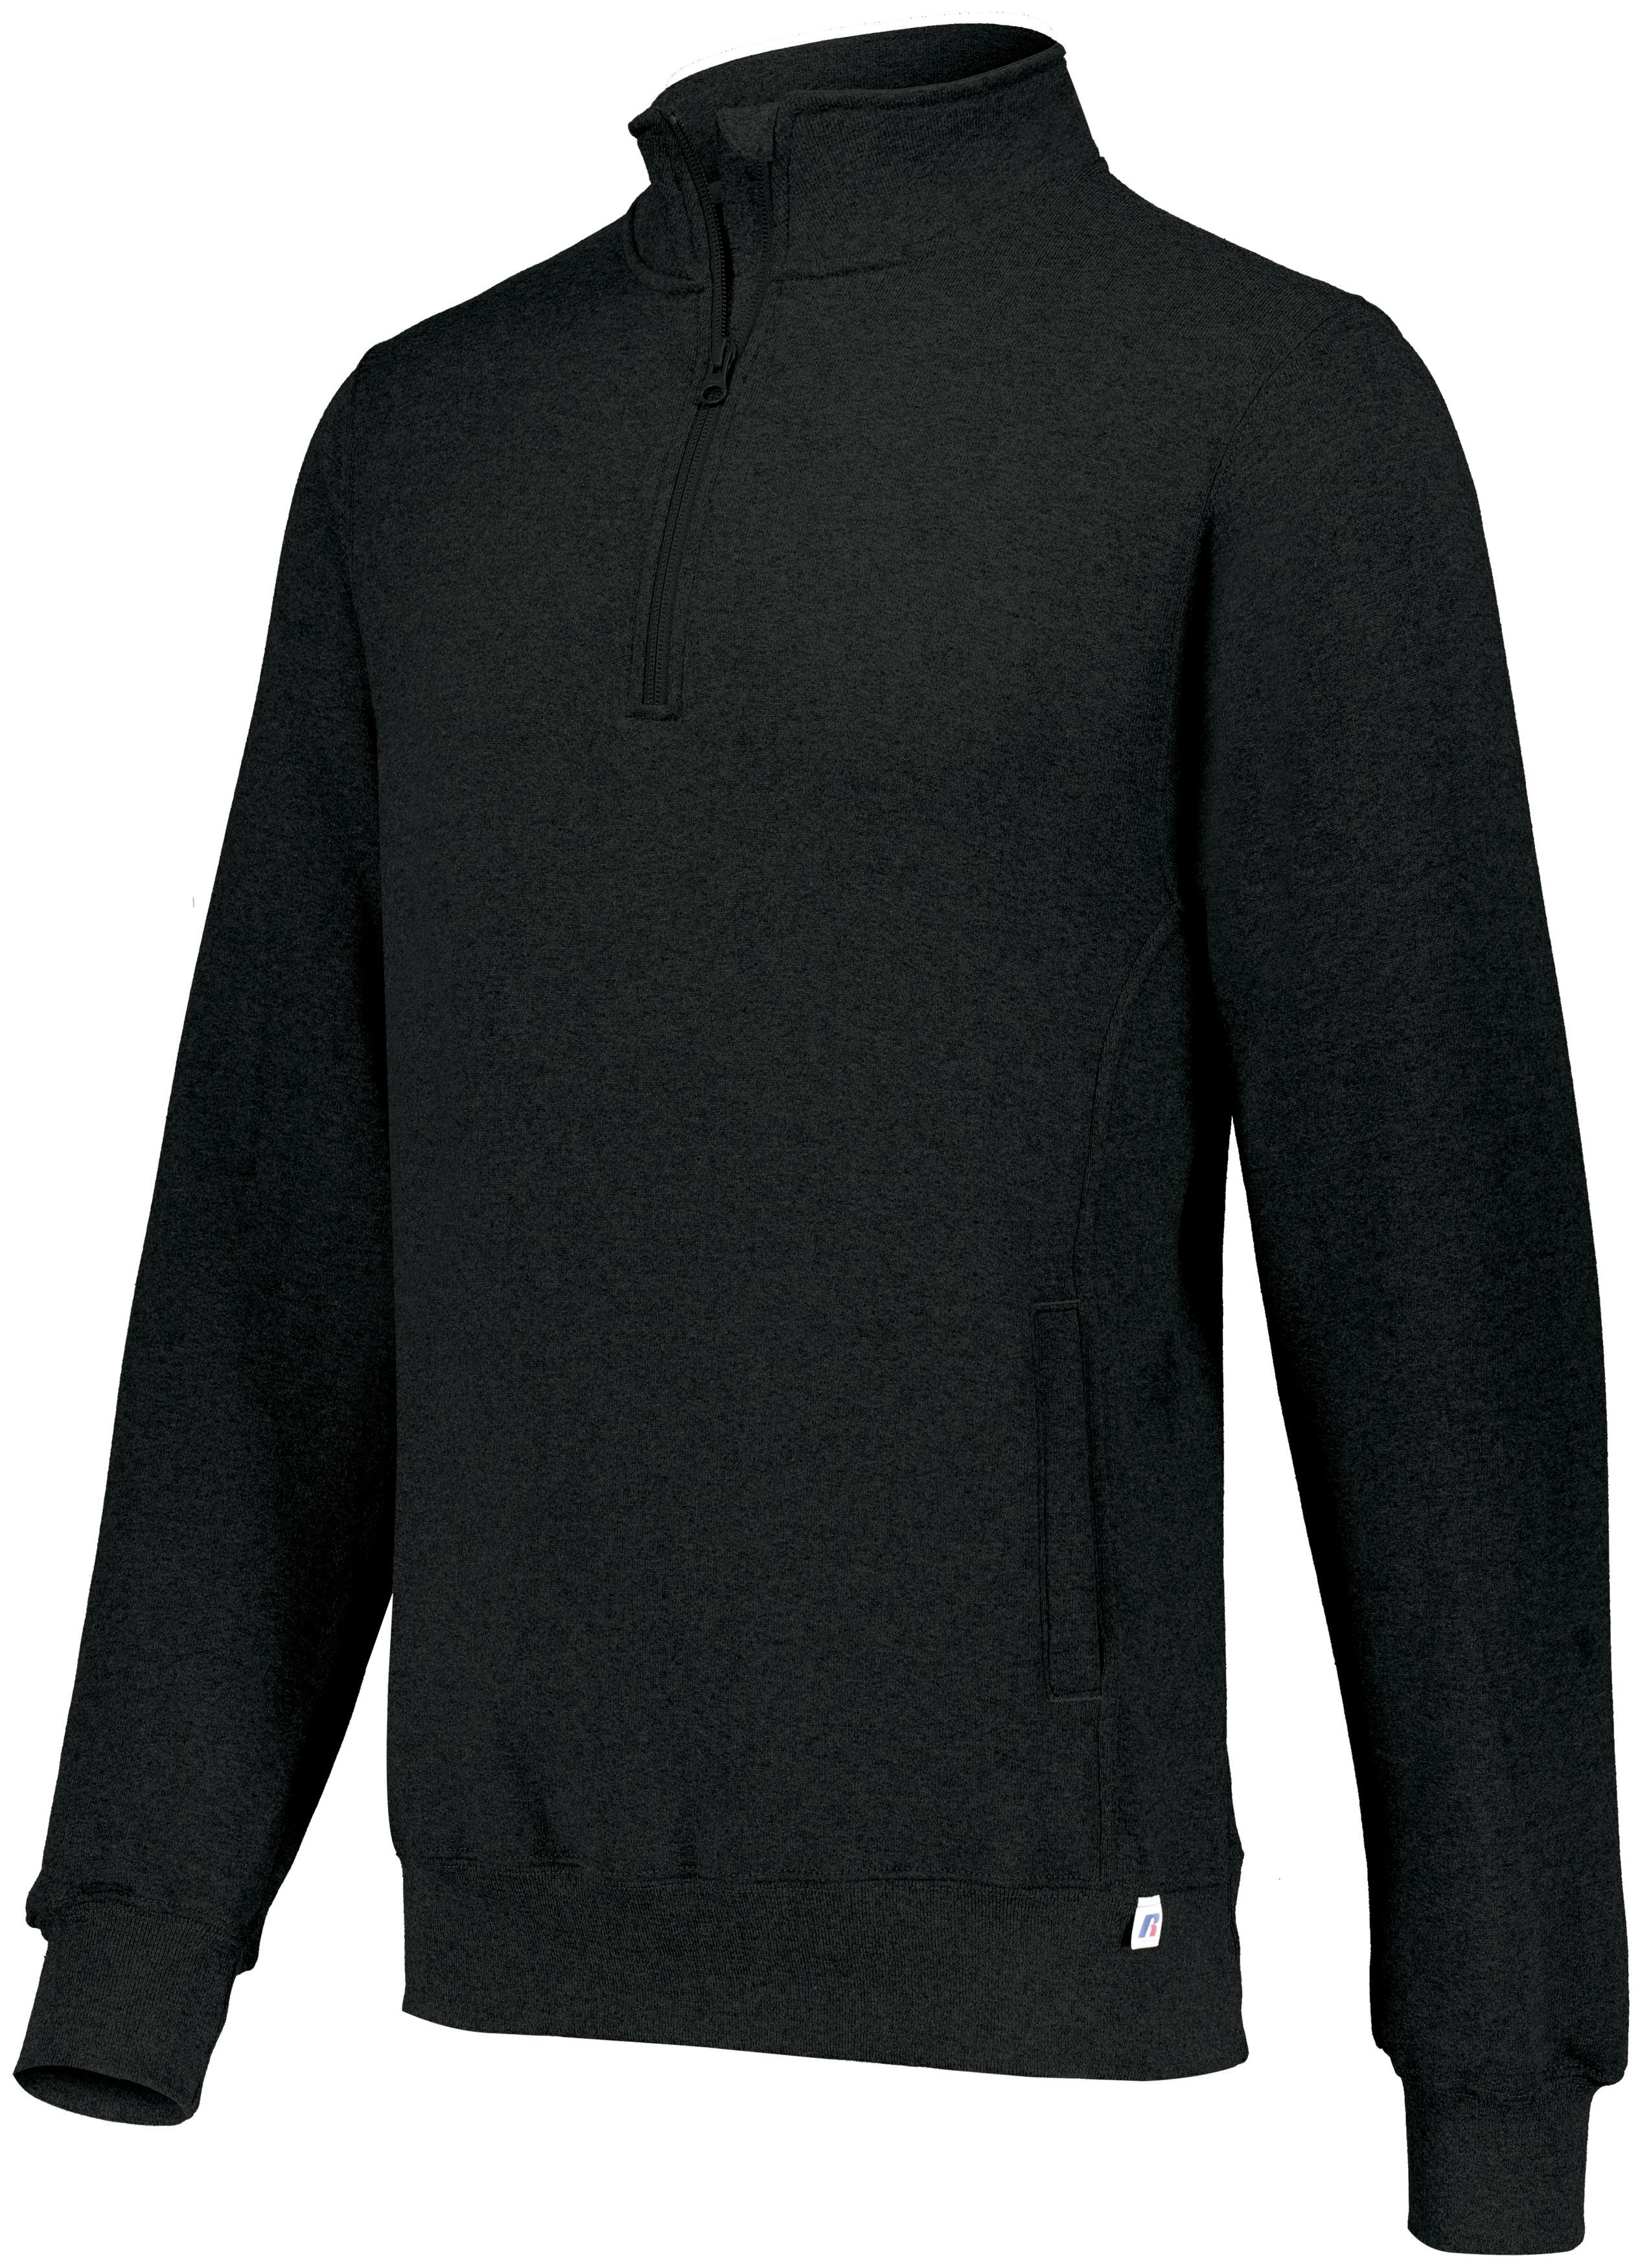 Dri-Power® Fleece 1/4 Zip Pullover - Black